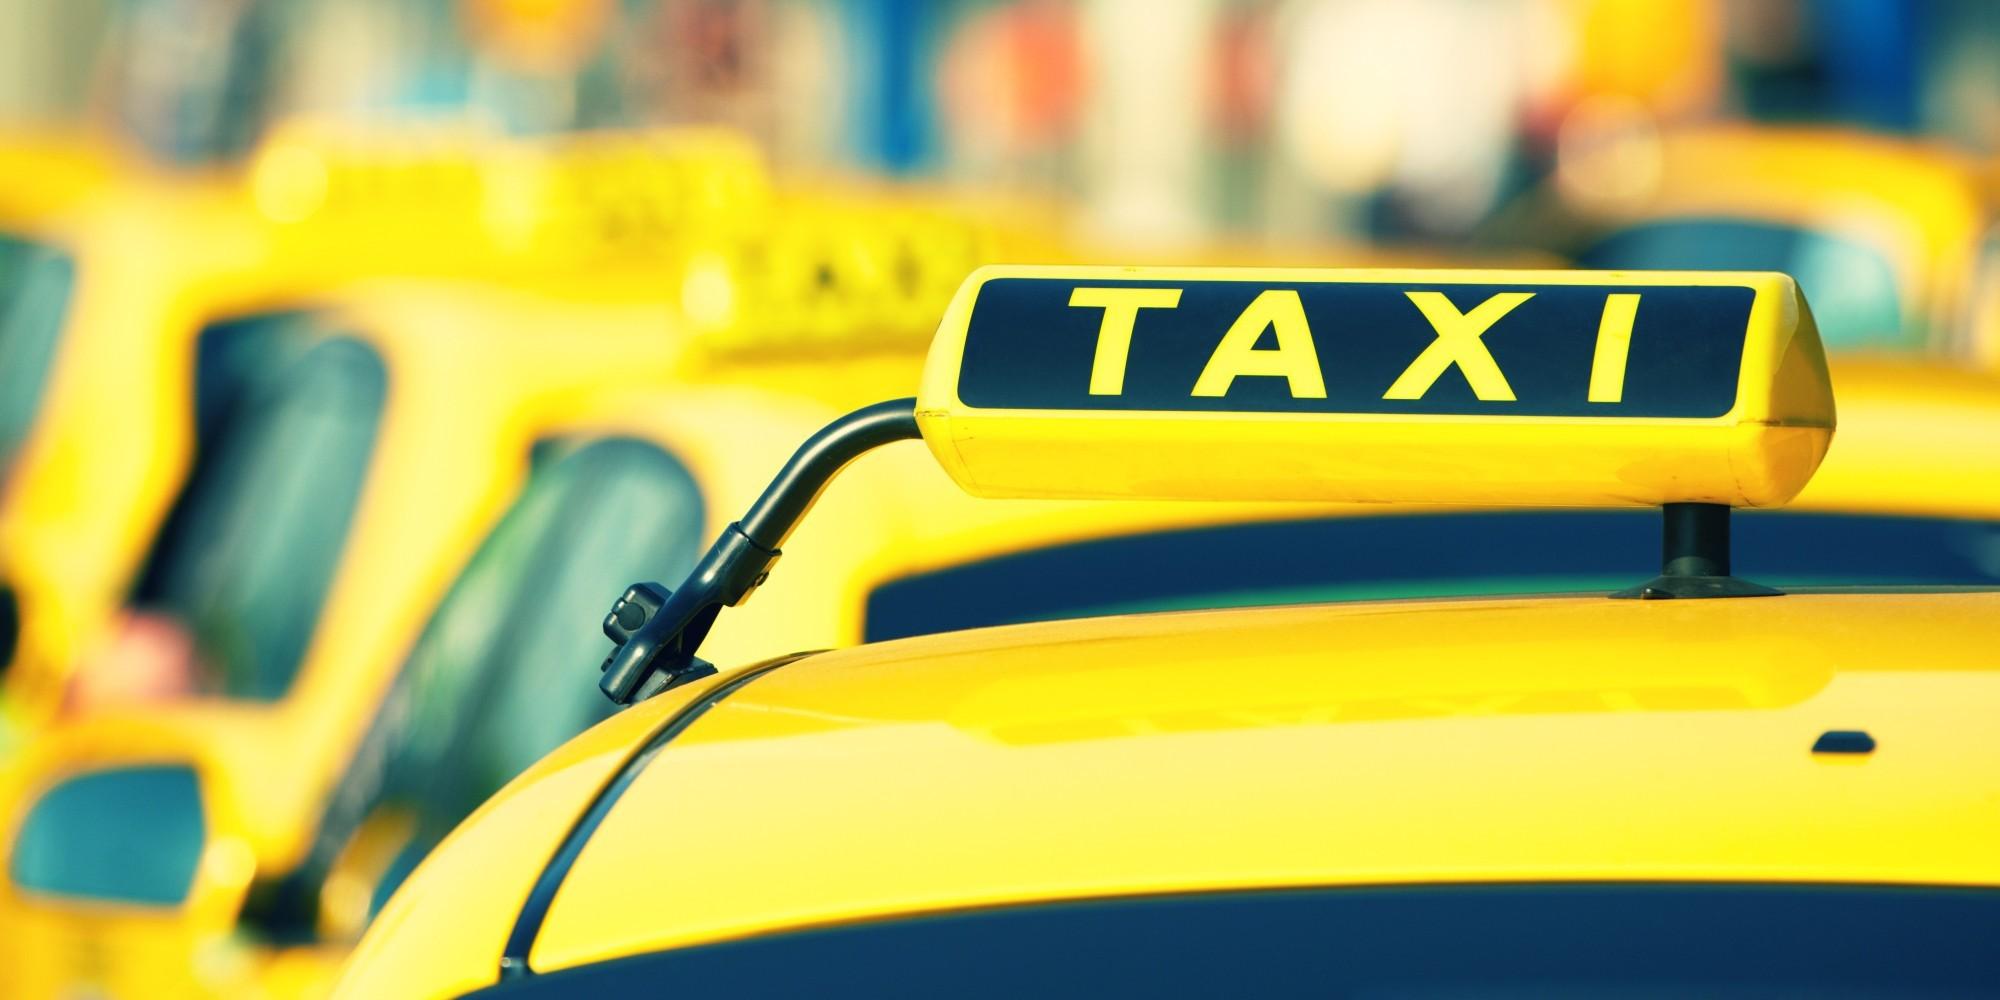 Втекущем году разрешение натаксомоторную деятельность получат 10 тыс. водителей